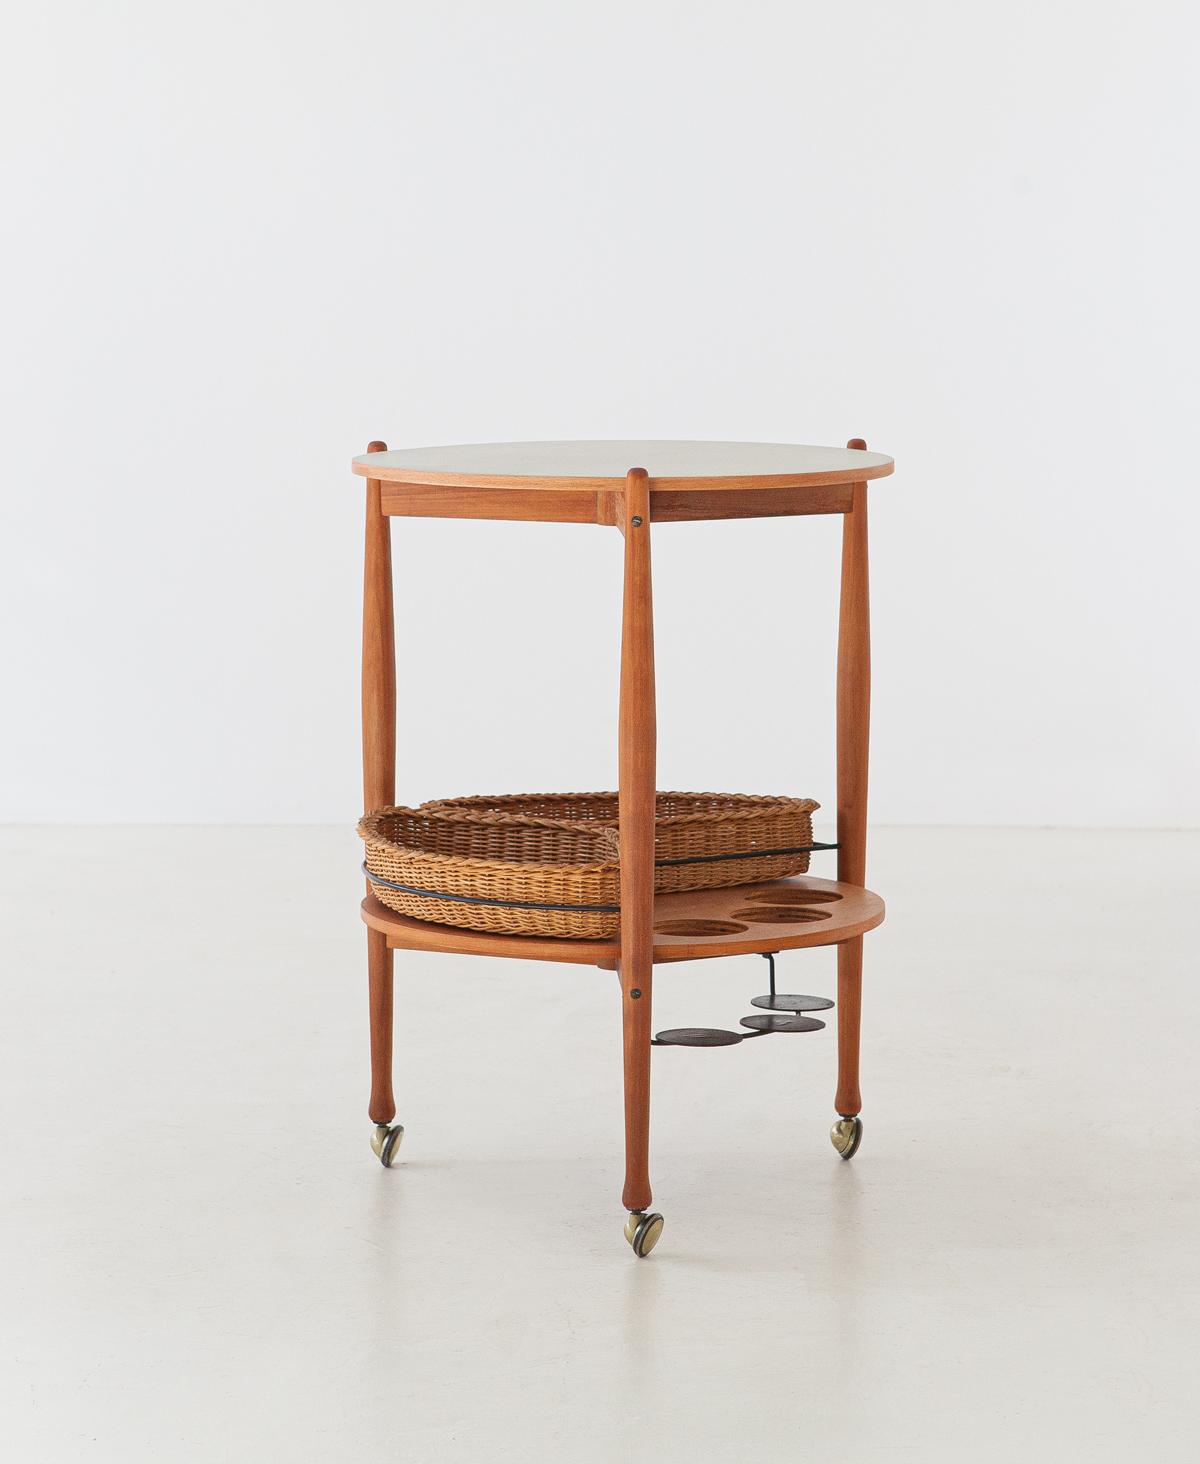 1950s-beech-wood-trolley-by-fratelli-reguitti-12-of94